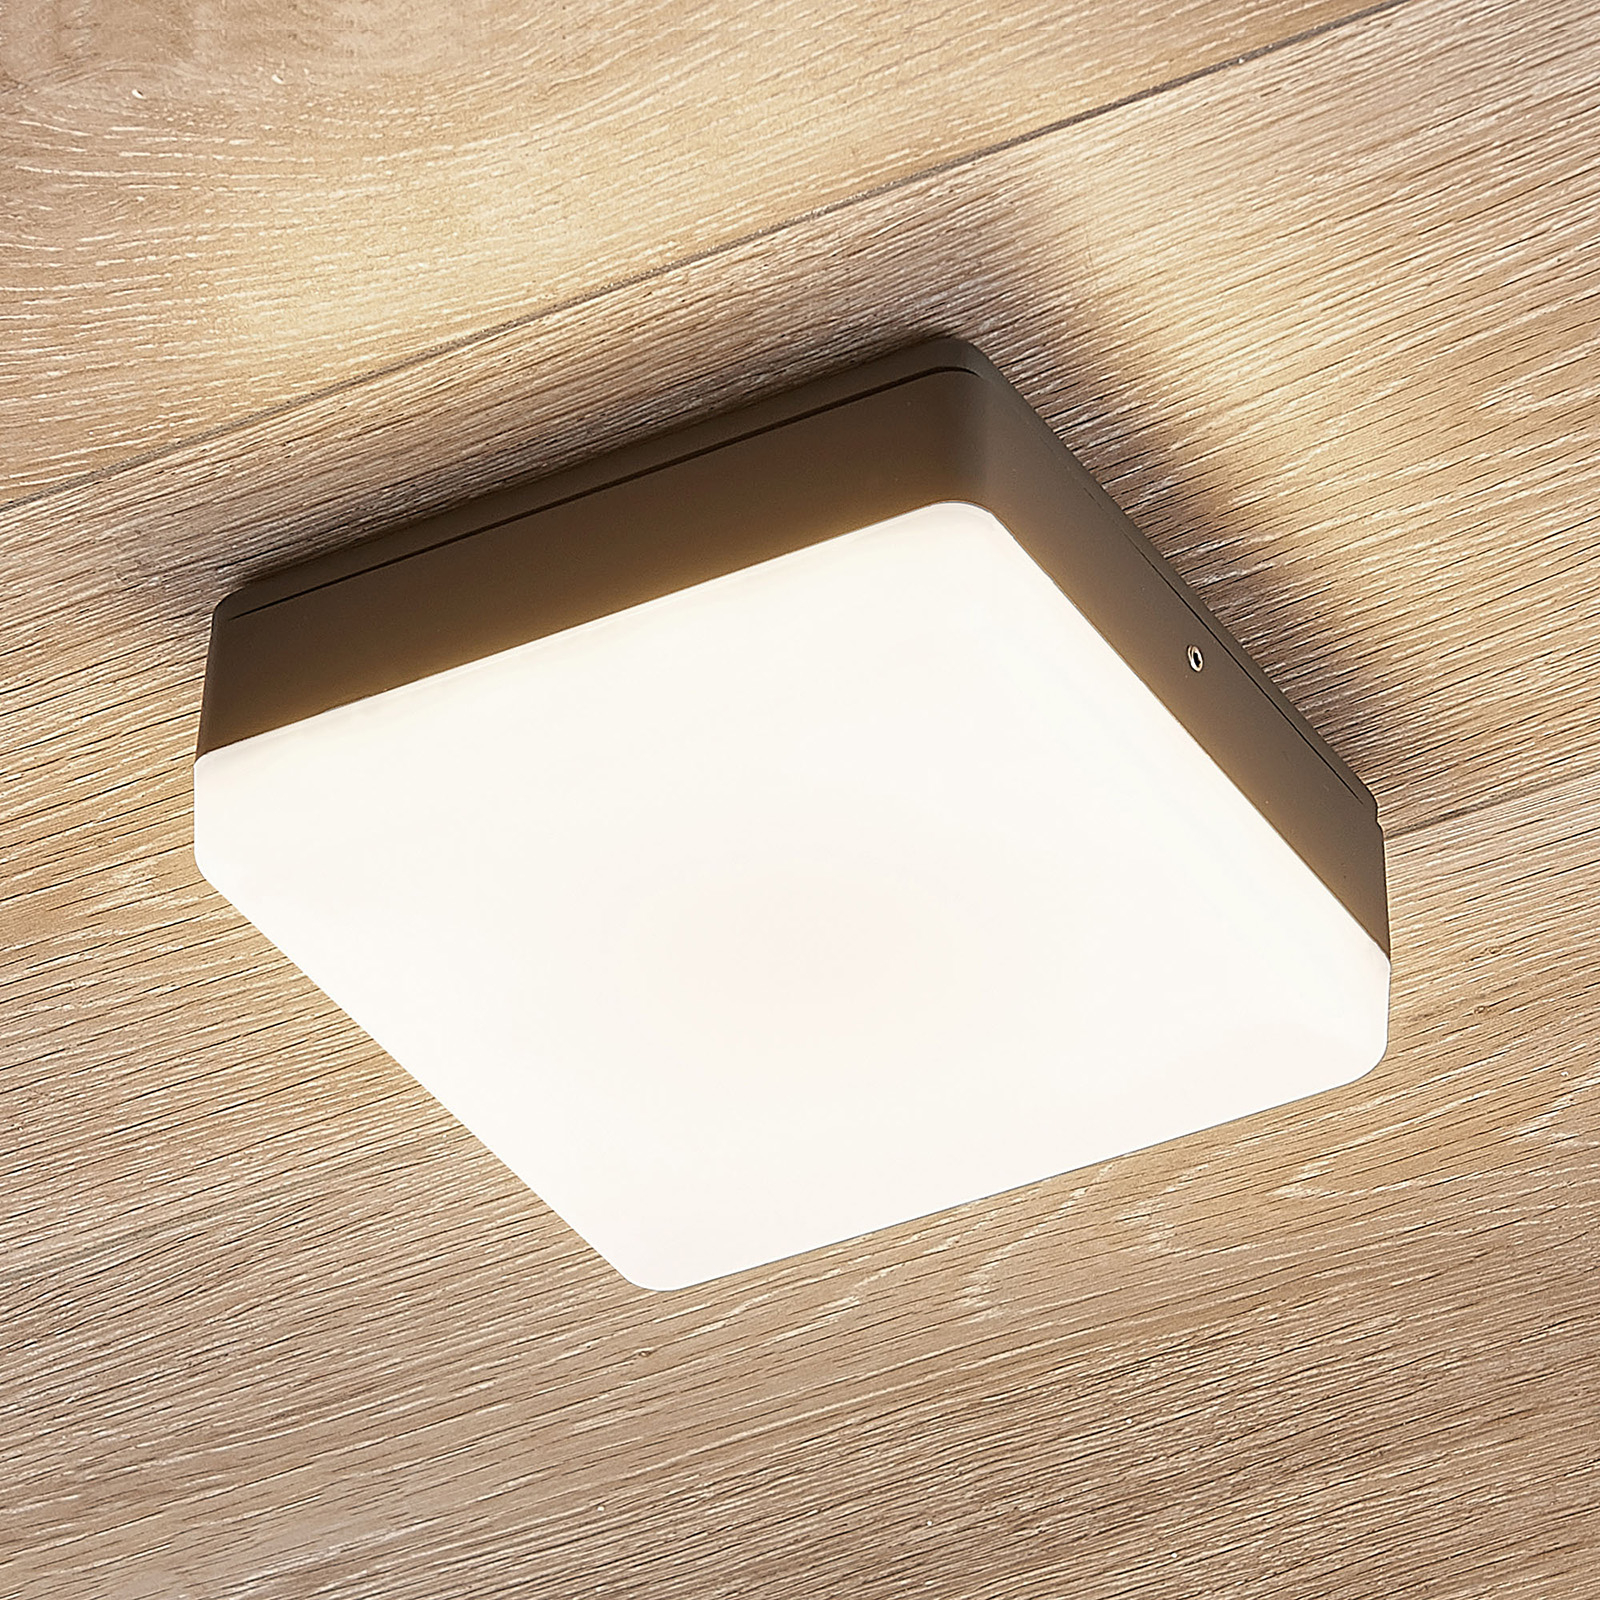 LED-kattovalaisin Thilo, harmaa, 16 cm, sensori HF